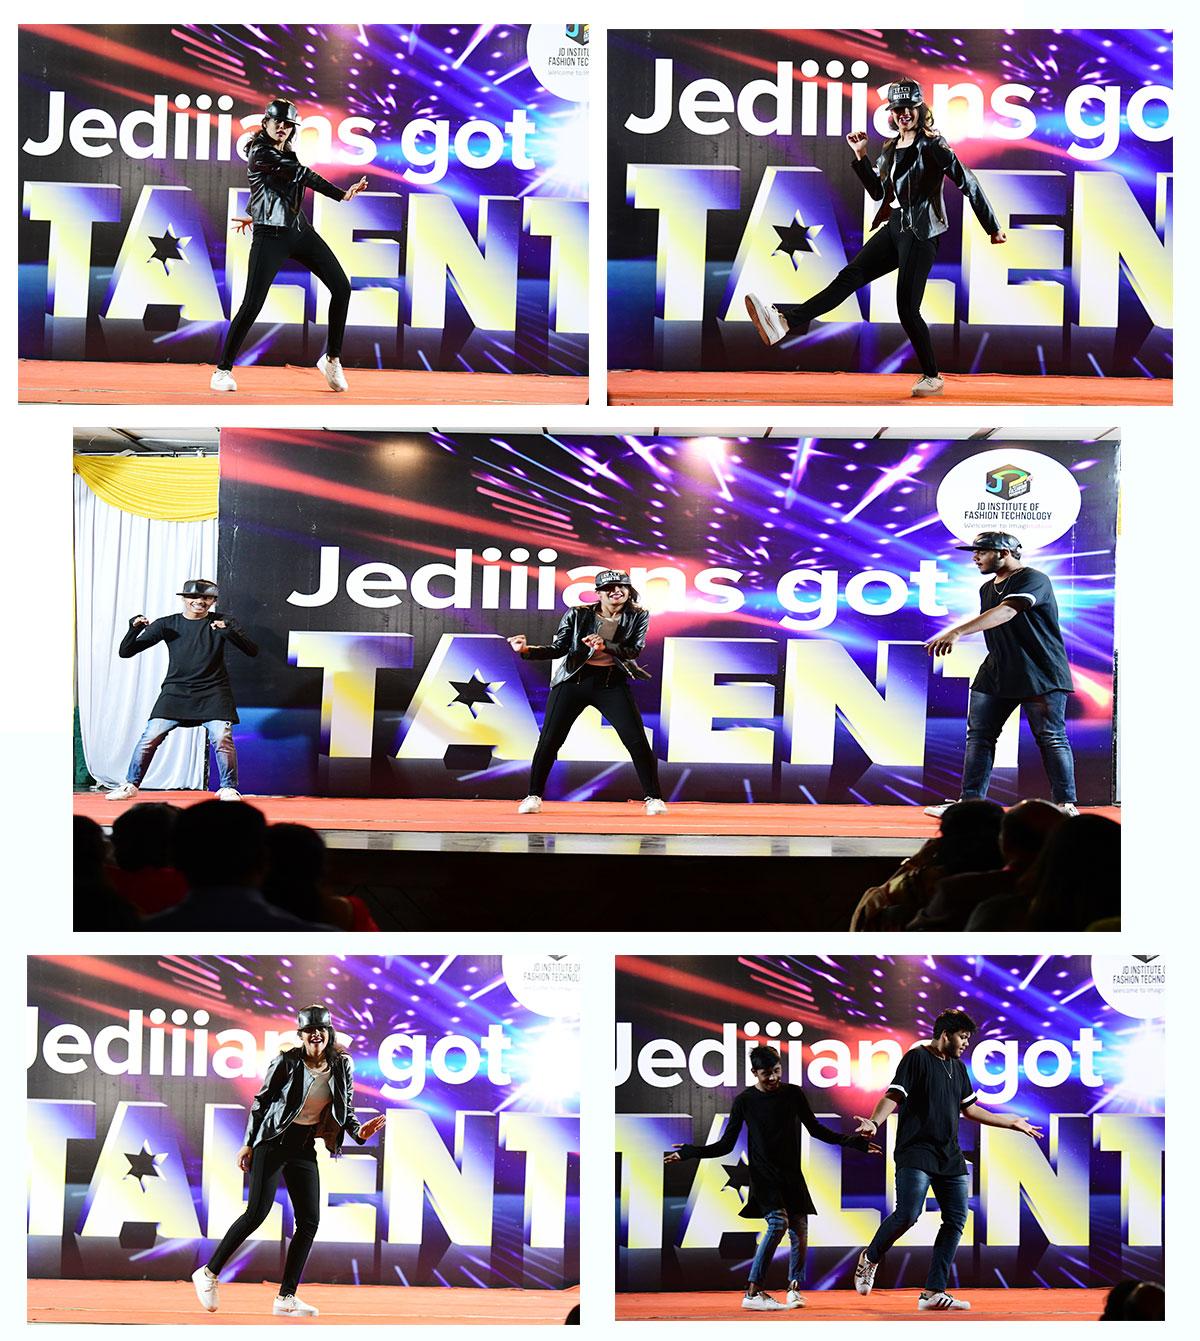 jediiians got talent jediiians got talent - jd got talent15 - JEDIIIANS Got Talent – If you have a flair, Flaunt it